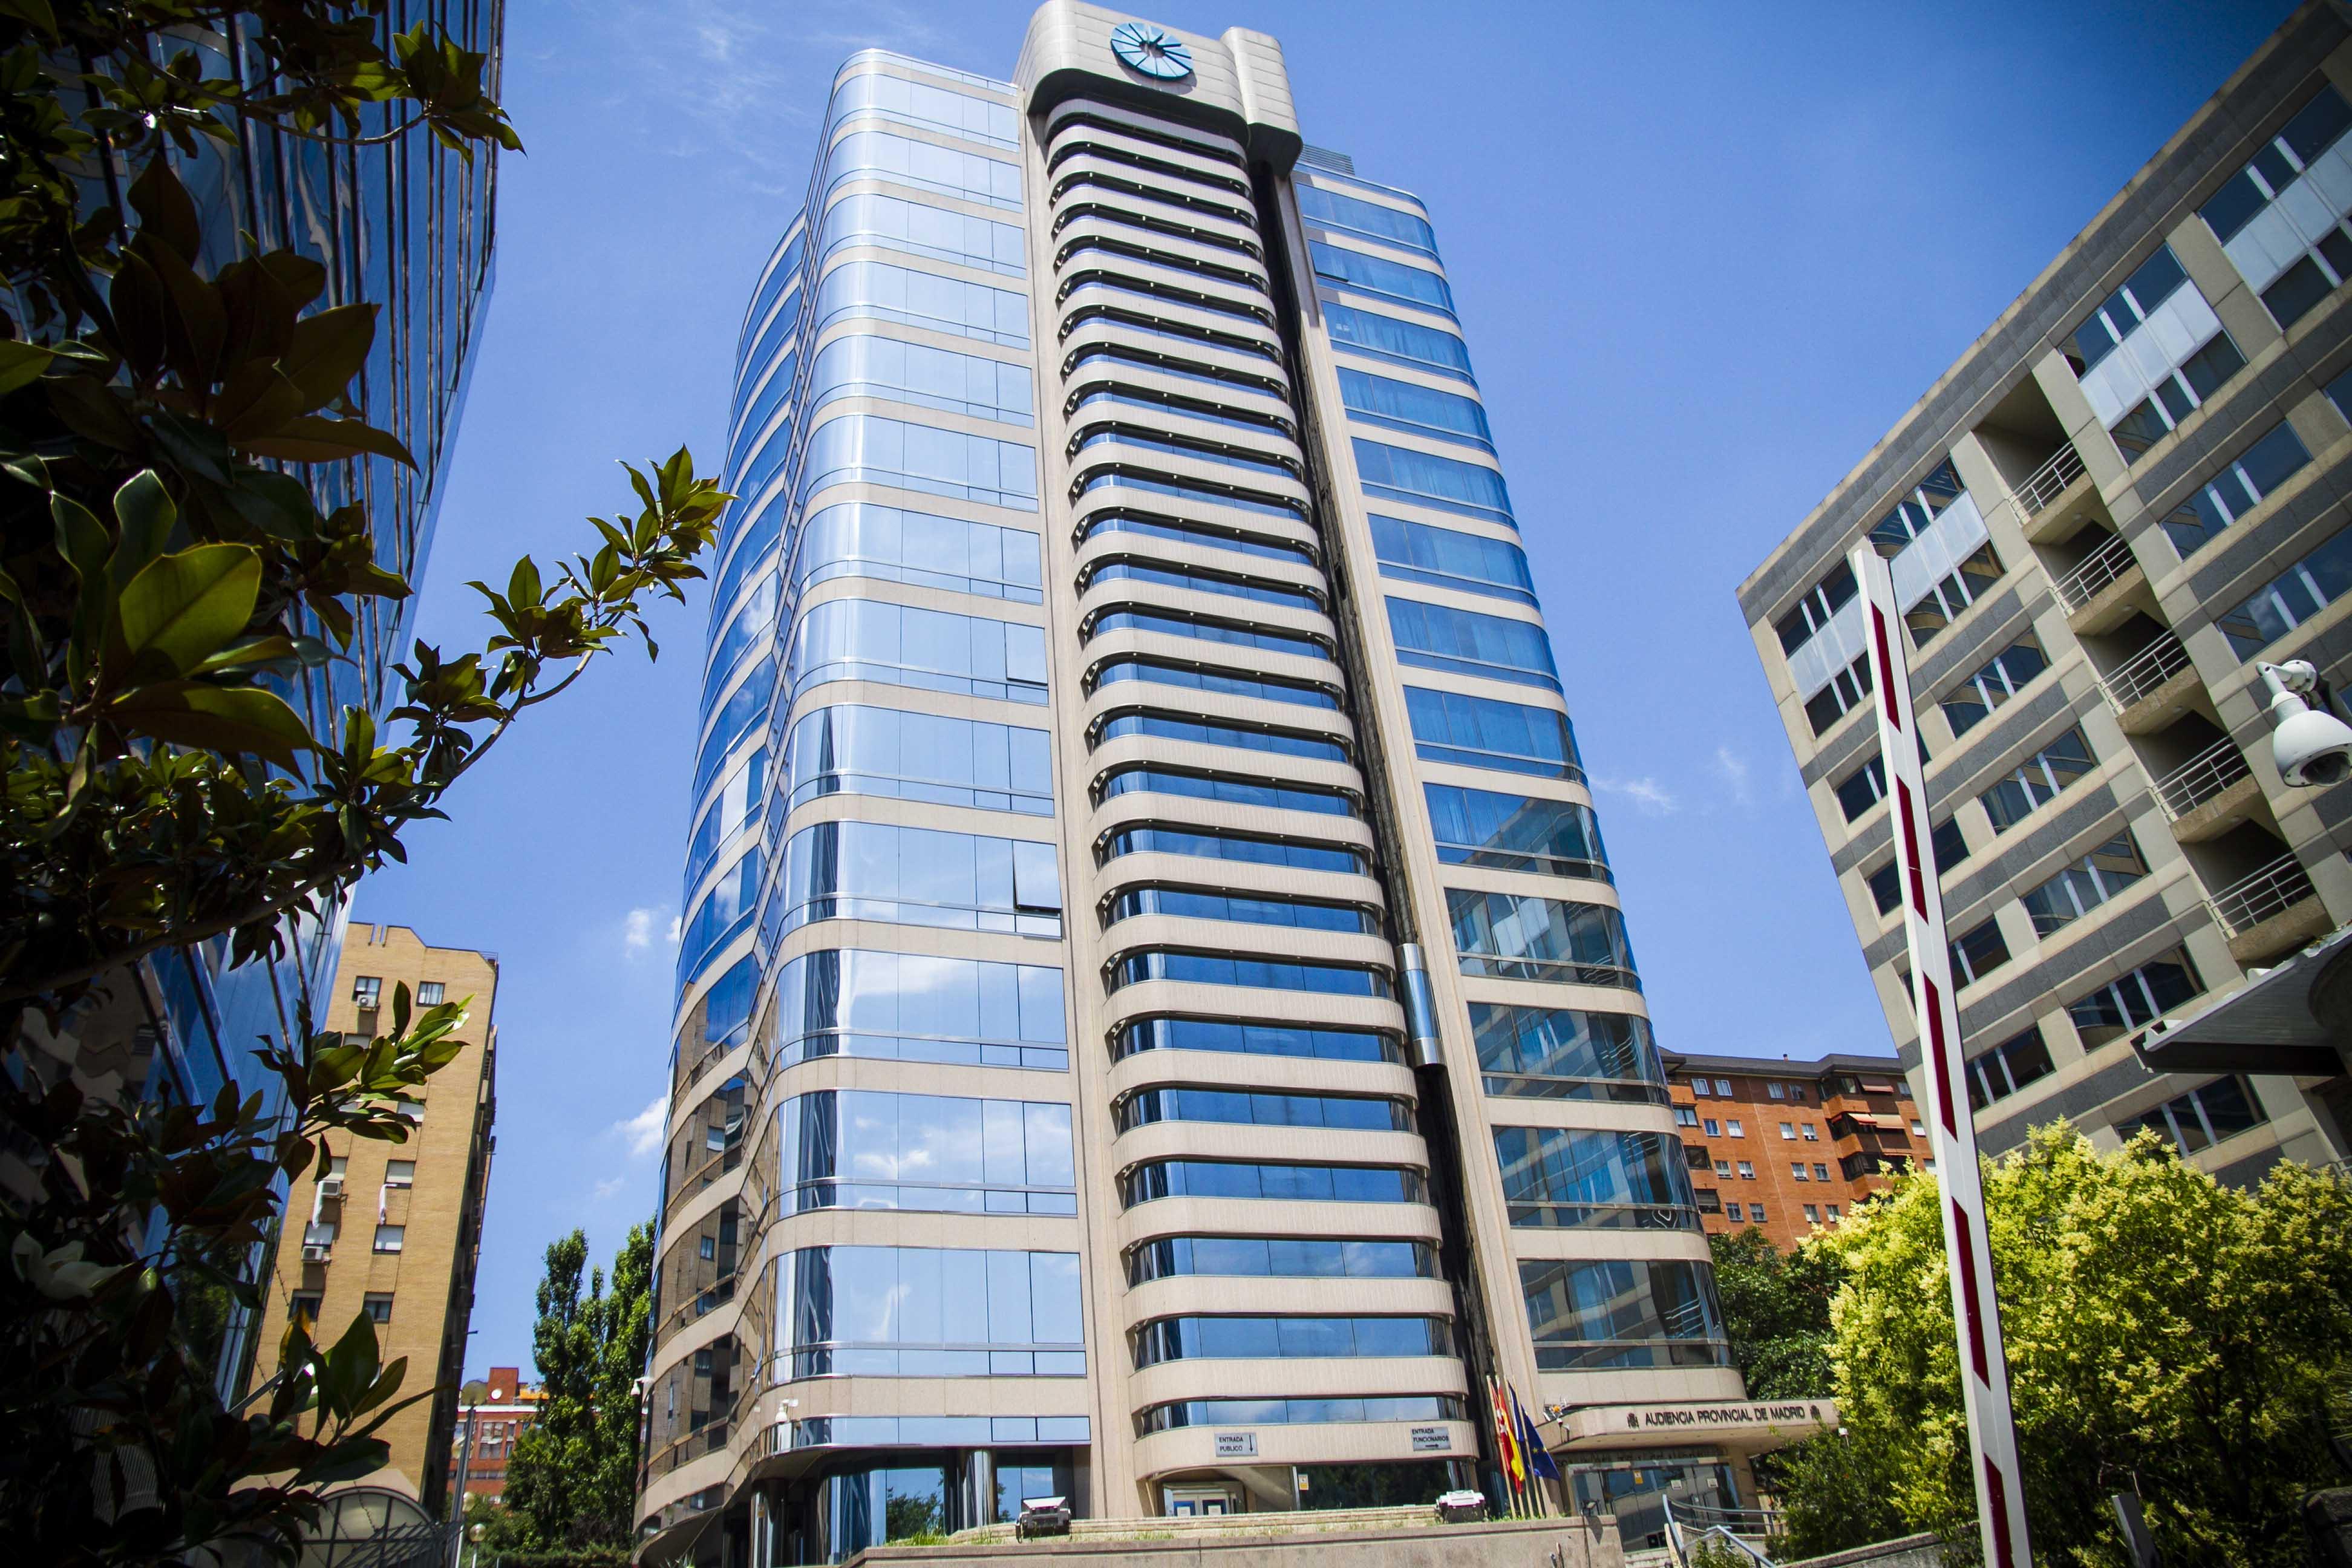 La Audiencia Provincial de Madrid acuerda la limitación del recurso de apelación #CompartirConocimiento